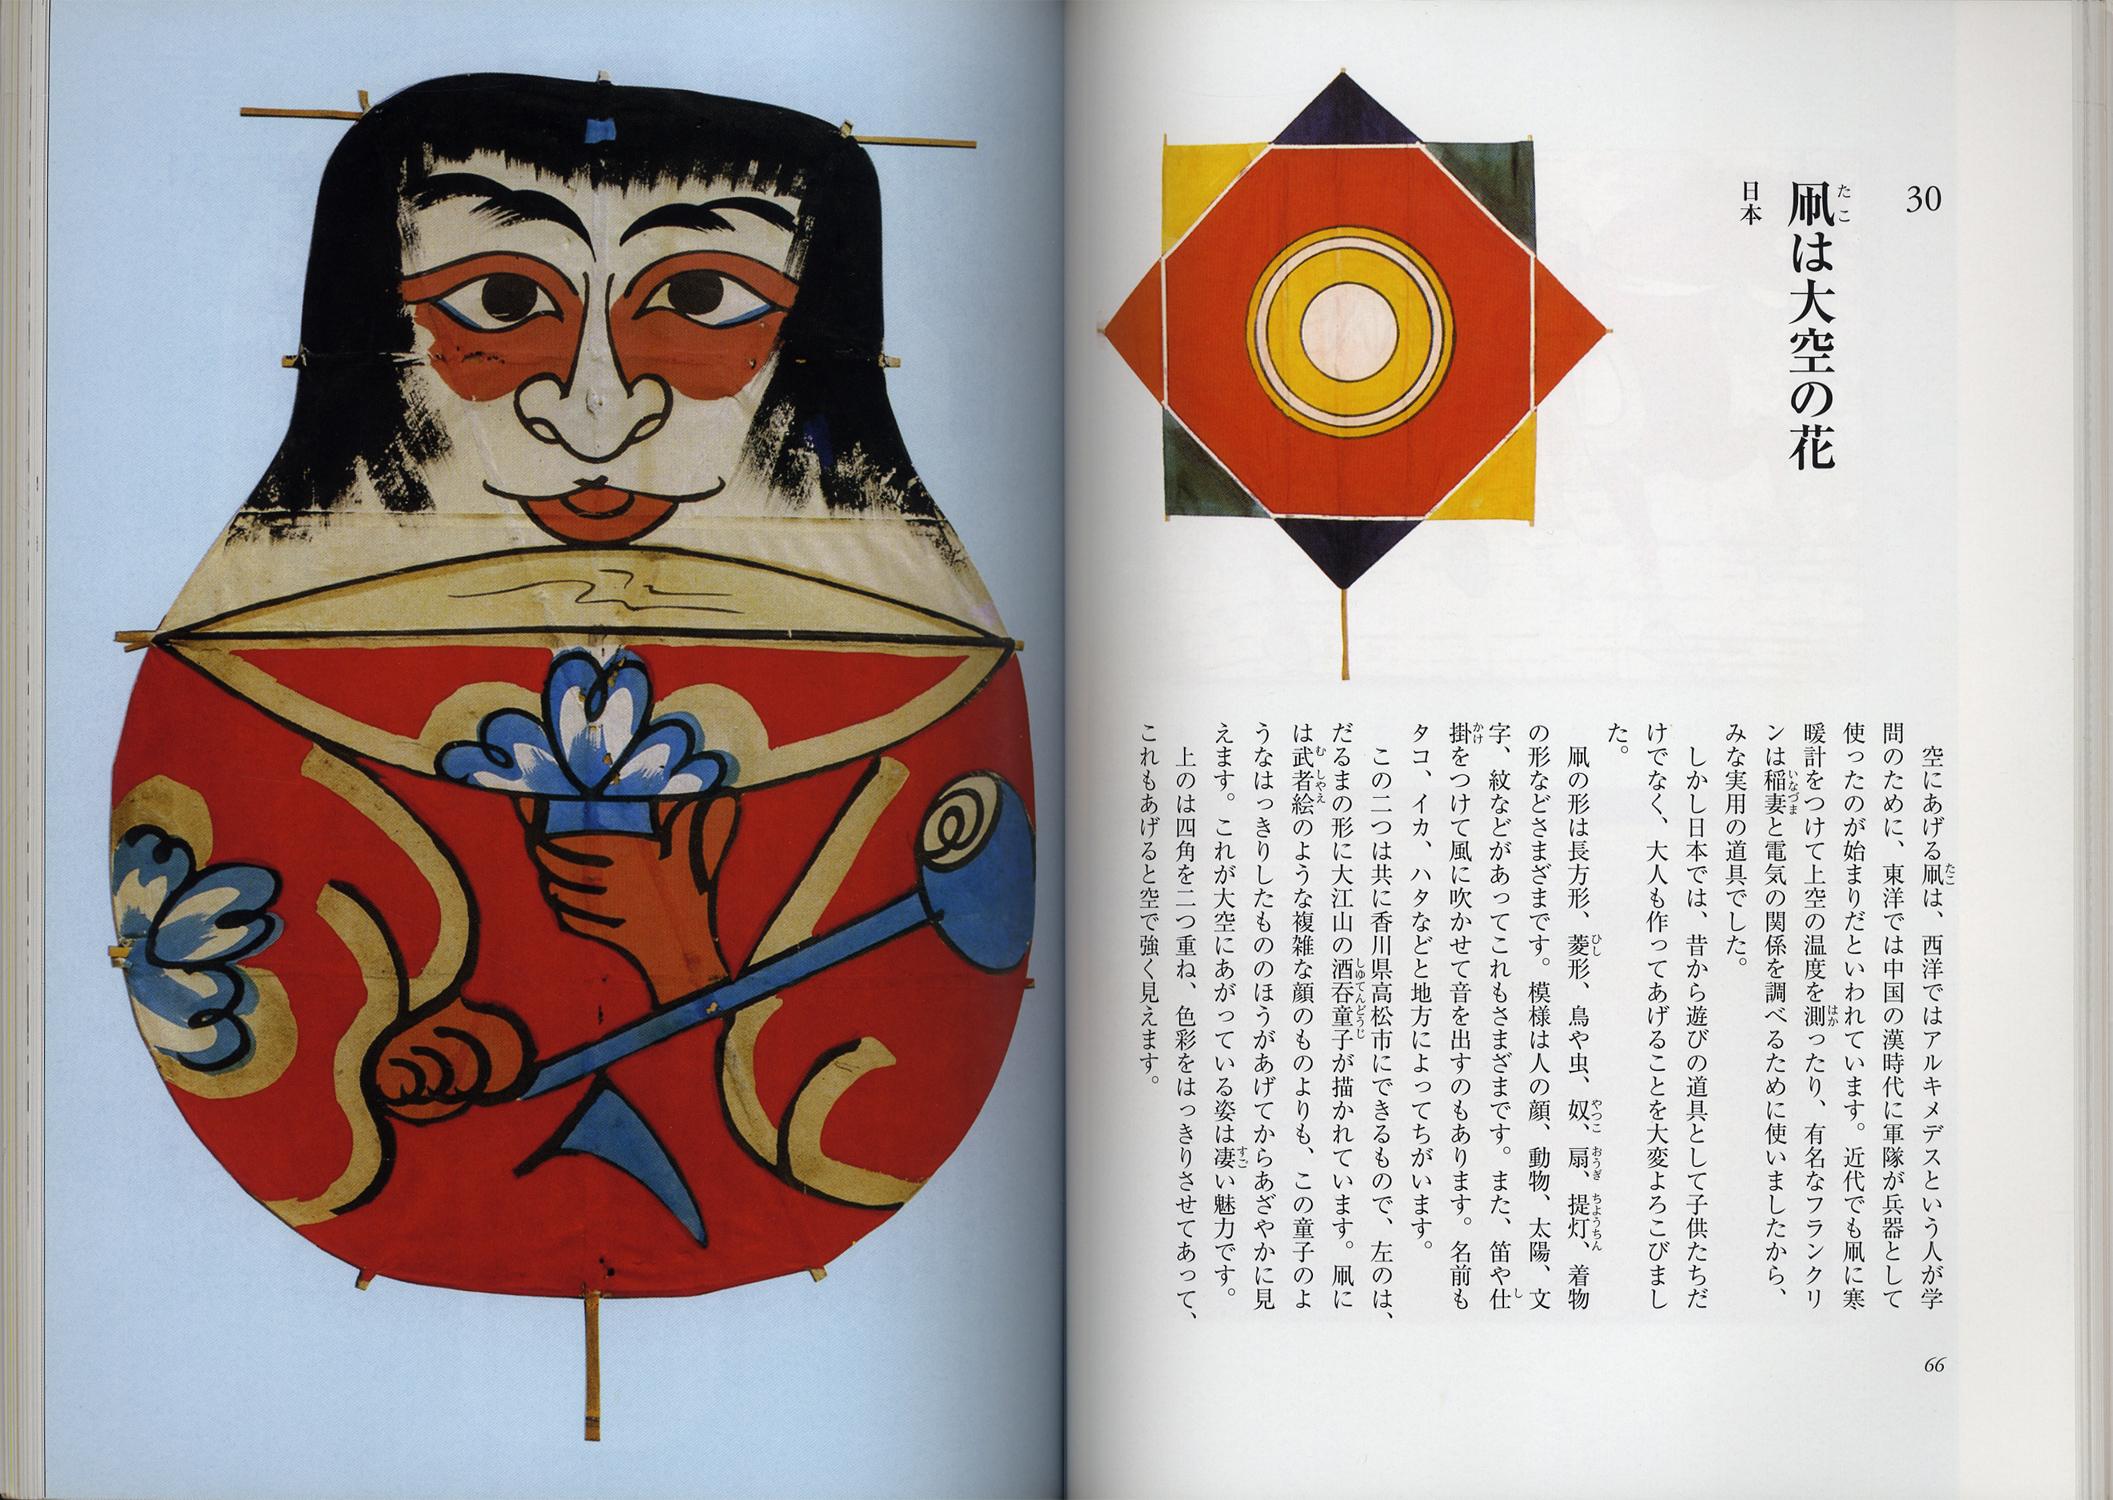 少年民藝館[image4]